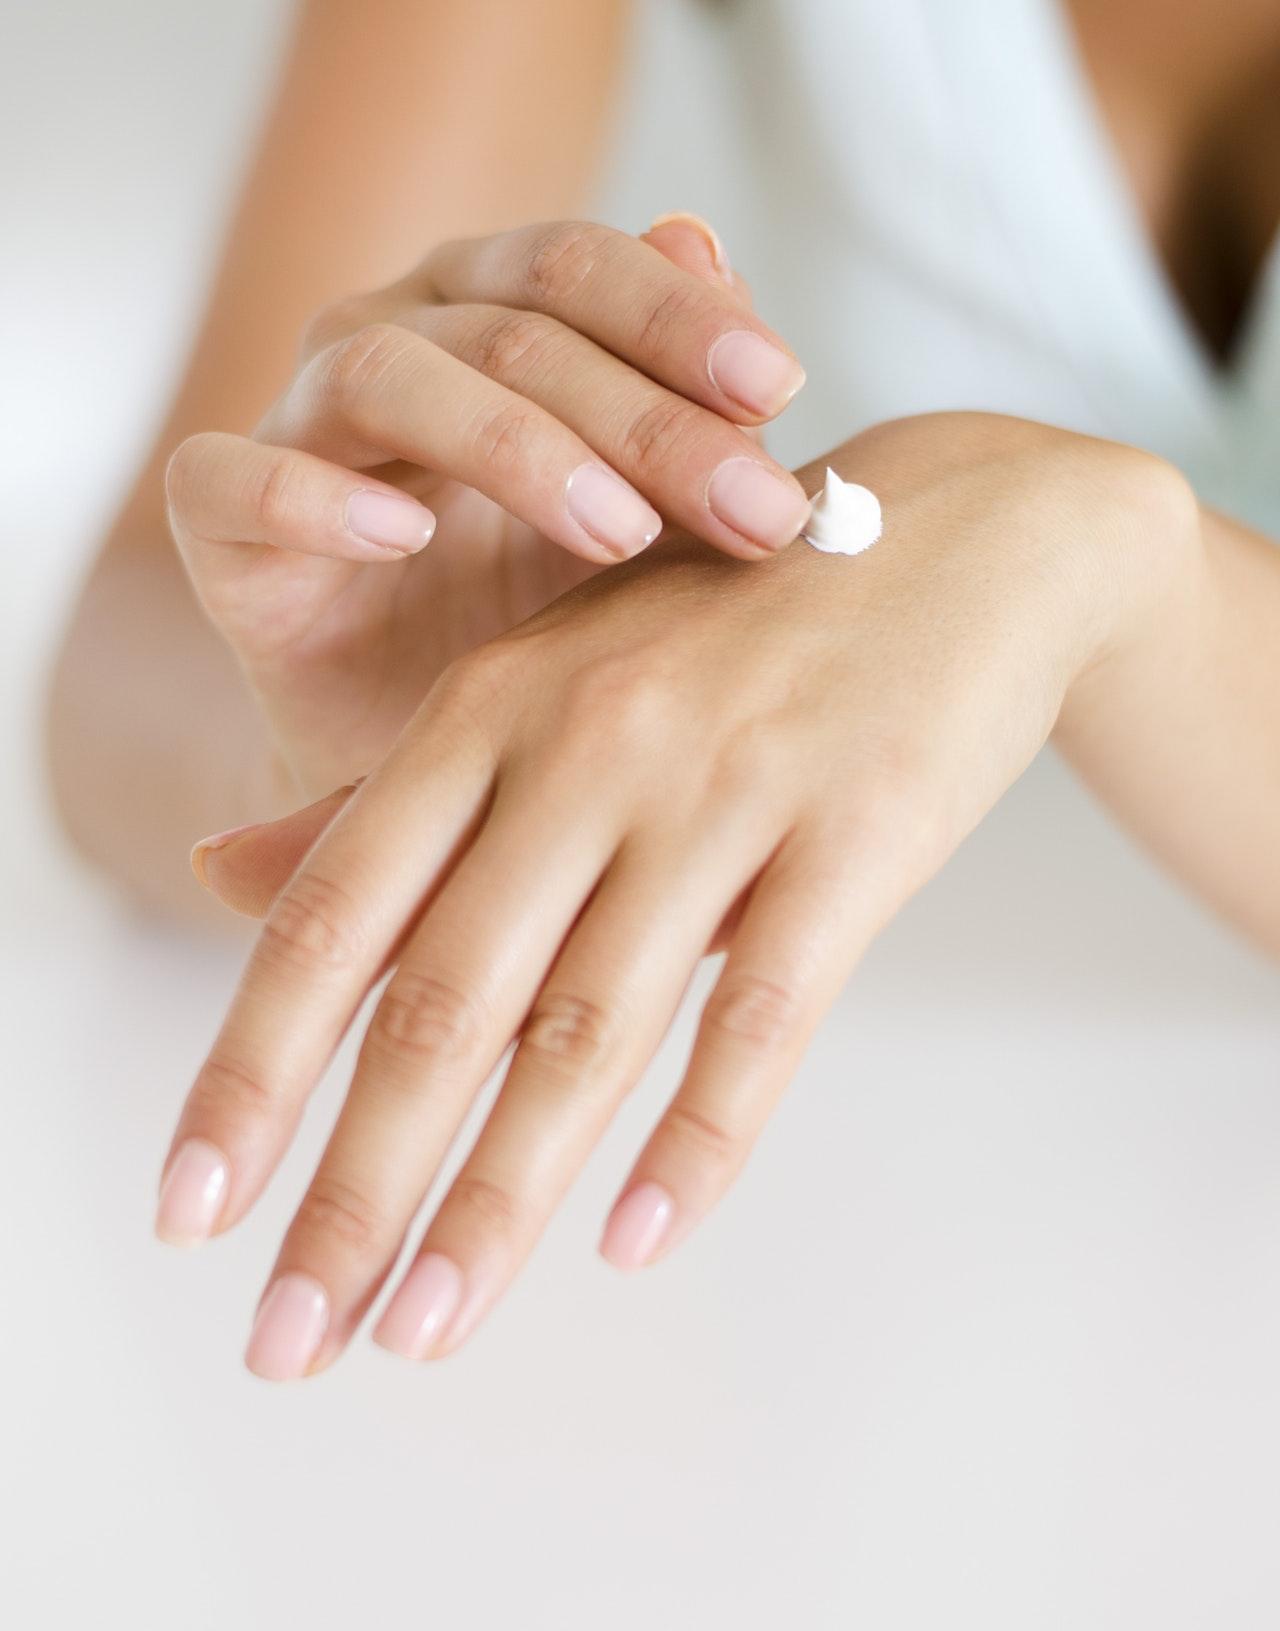 Hvordan ta vare på hender og negler? Riktig pleie hjemme og på salong